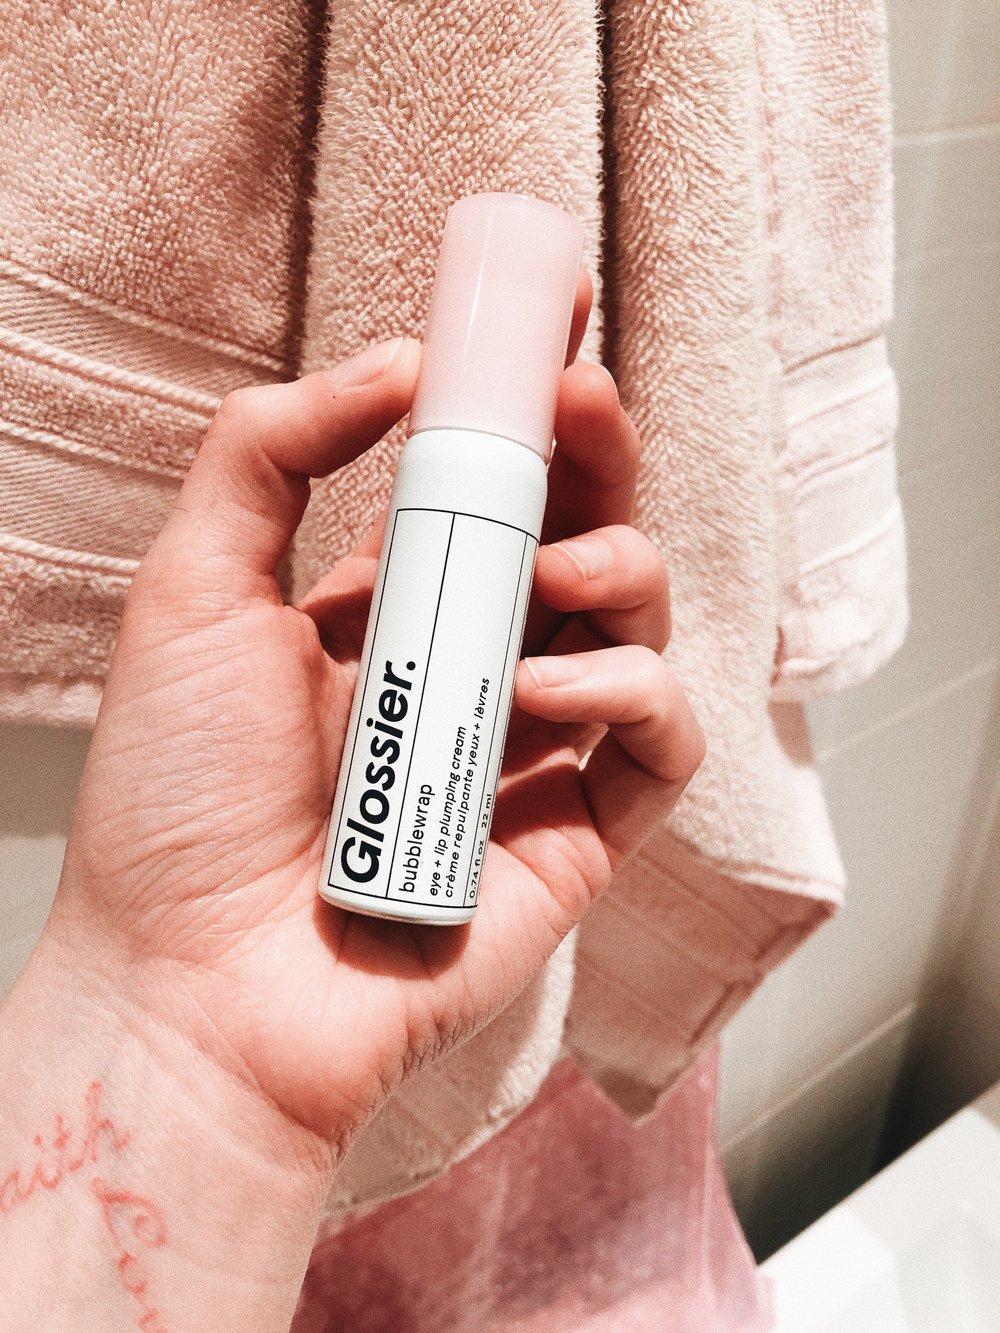 Bubblewrap Eye & Lip Plumping Cream by Glossier #6